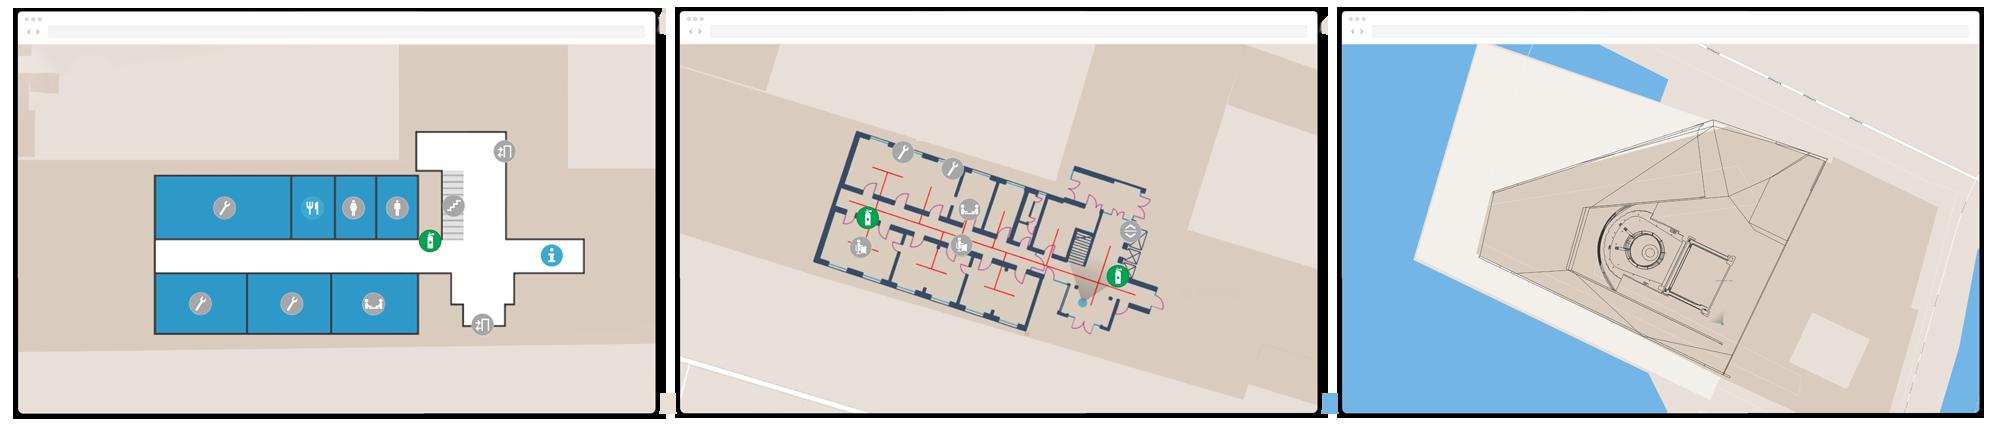 Digital floor plan created by NavVis IndoorViewer